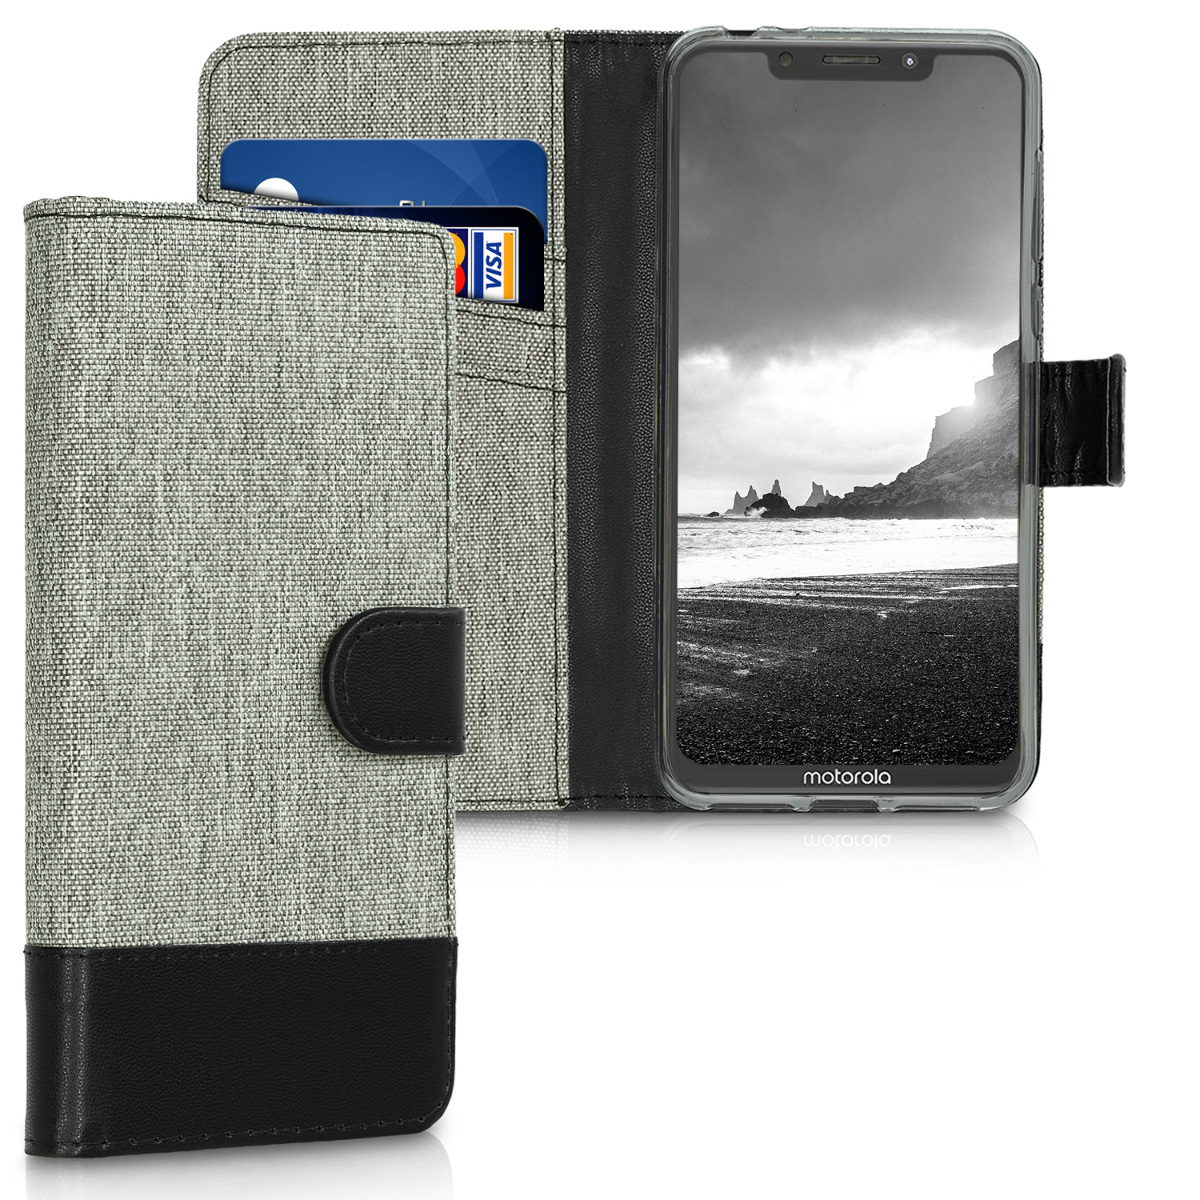 KW Θήκη Πορτοφόλι Motorola One - Grey / Black Canvas (46297.22)